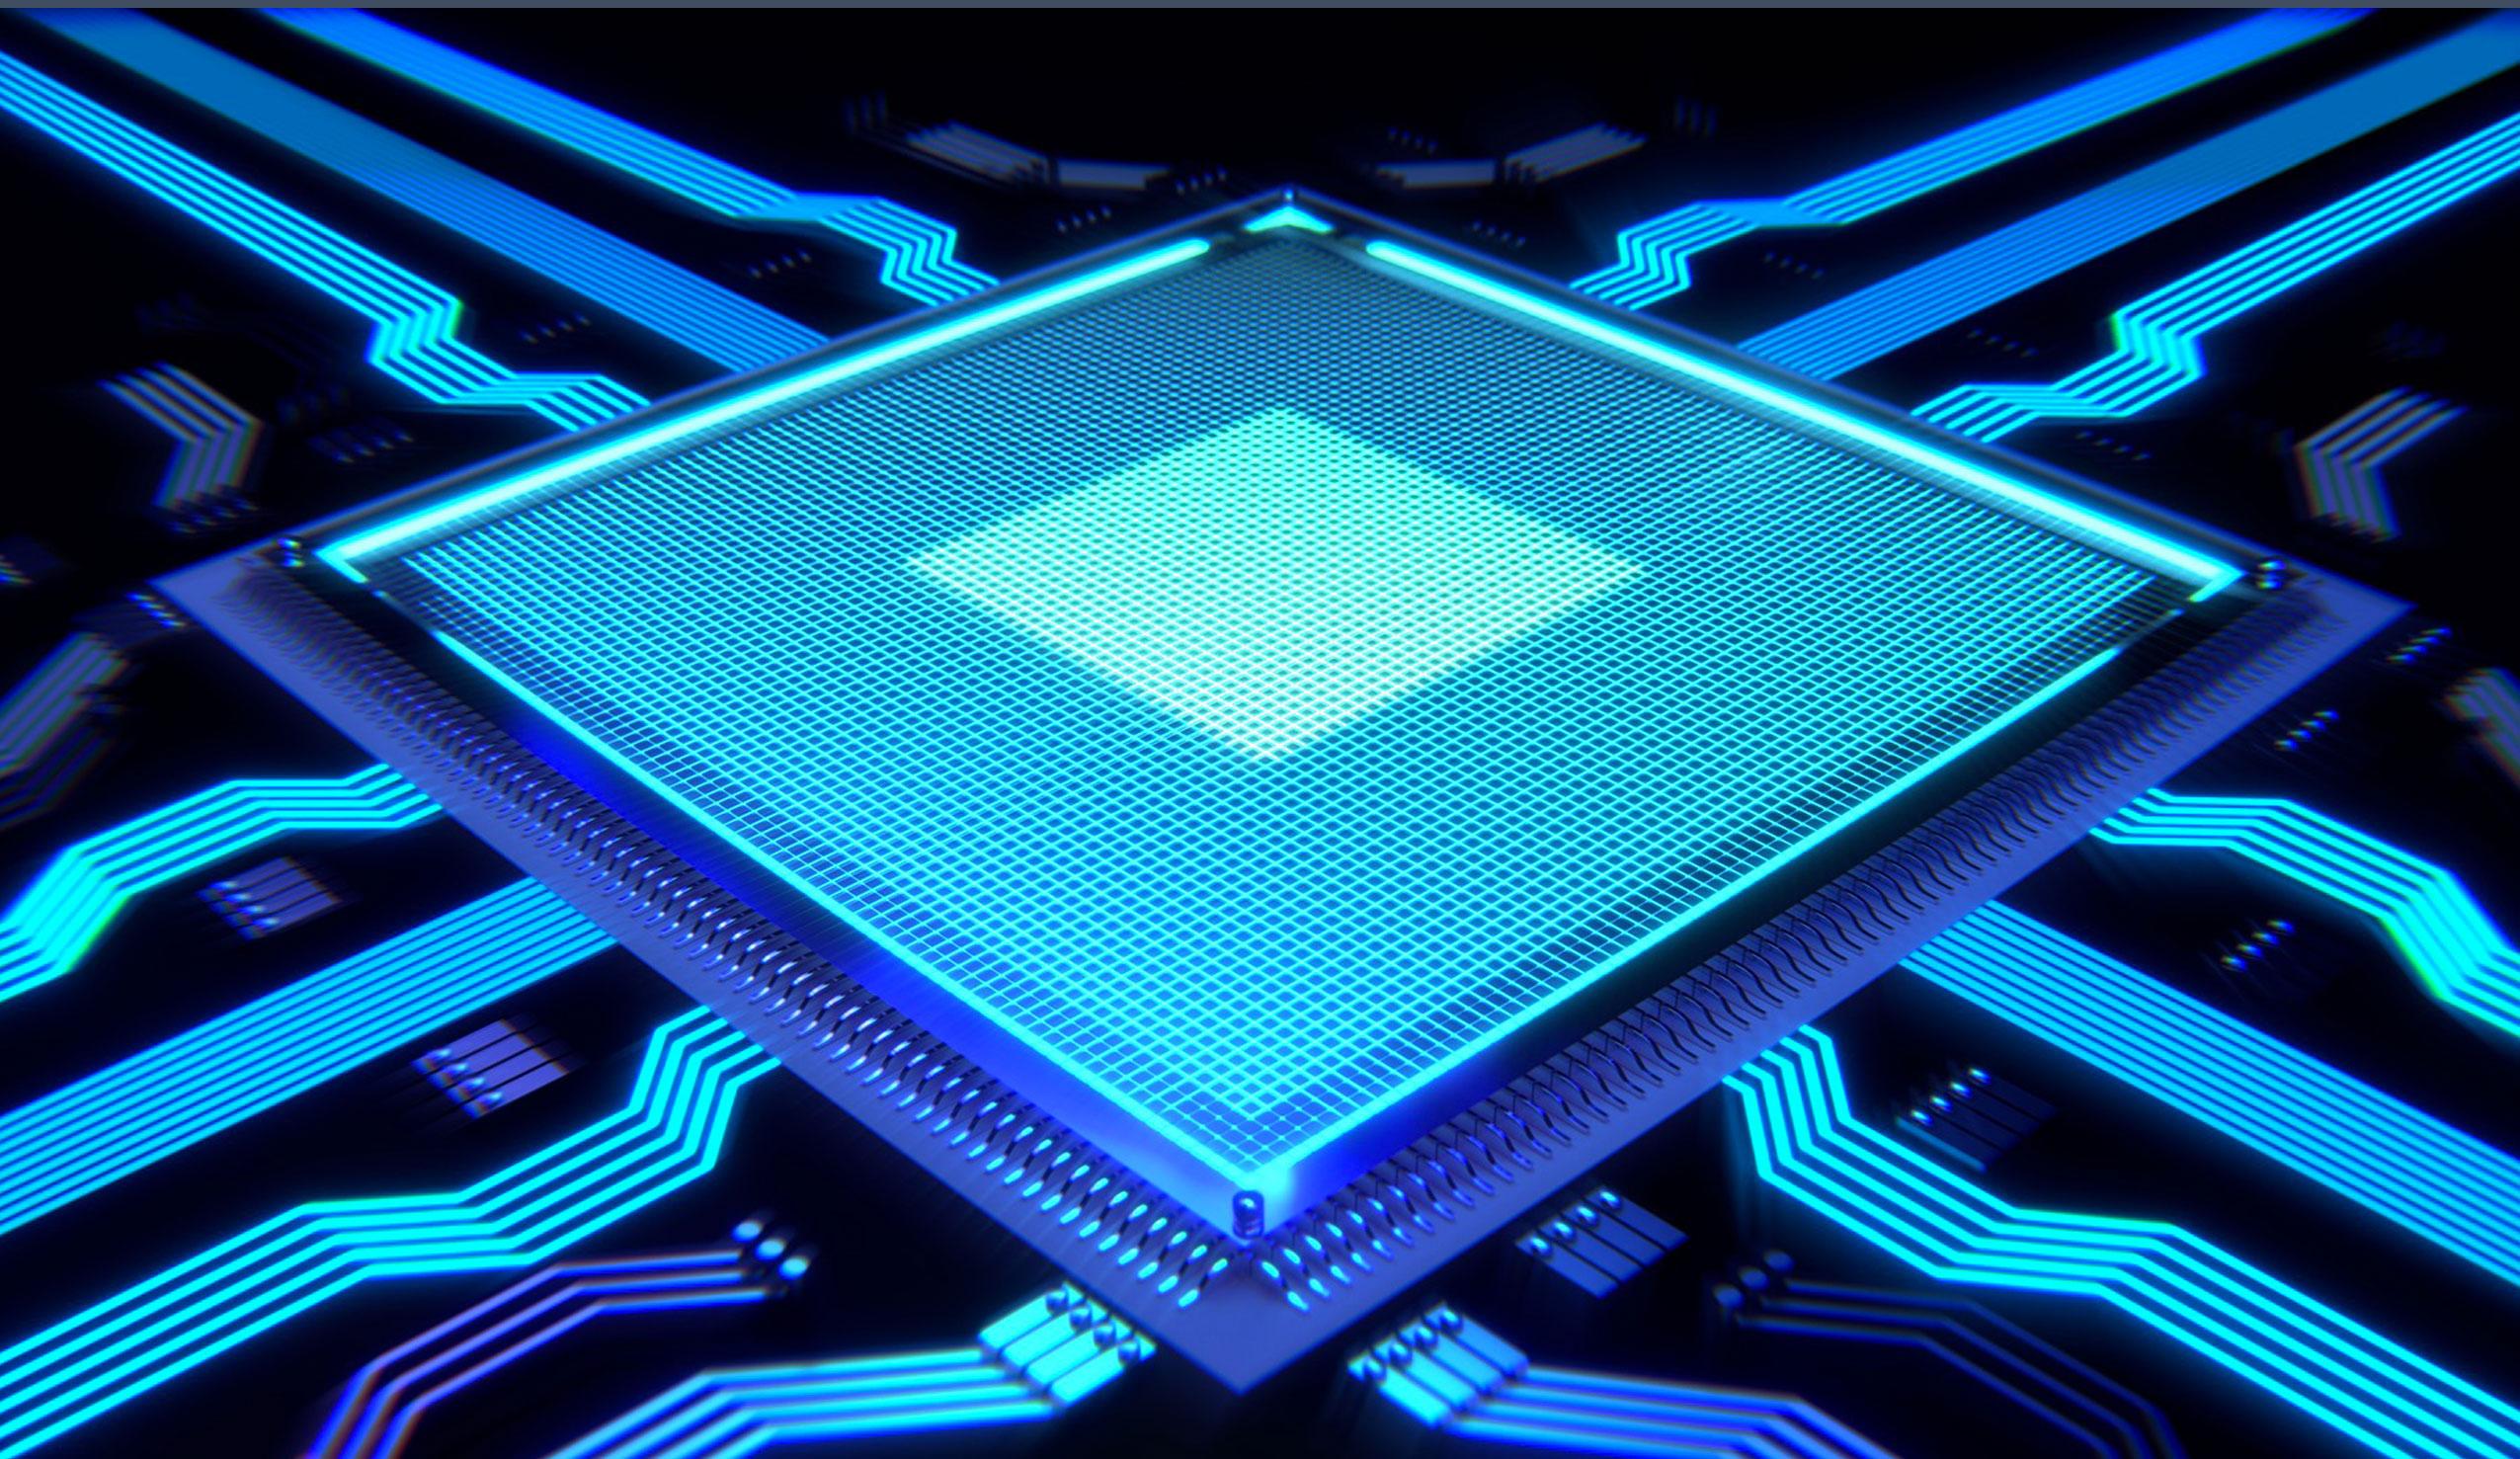 Falla nei processori, allarme sicurezza per pc e smartphone